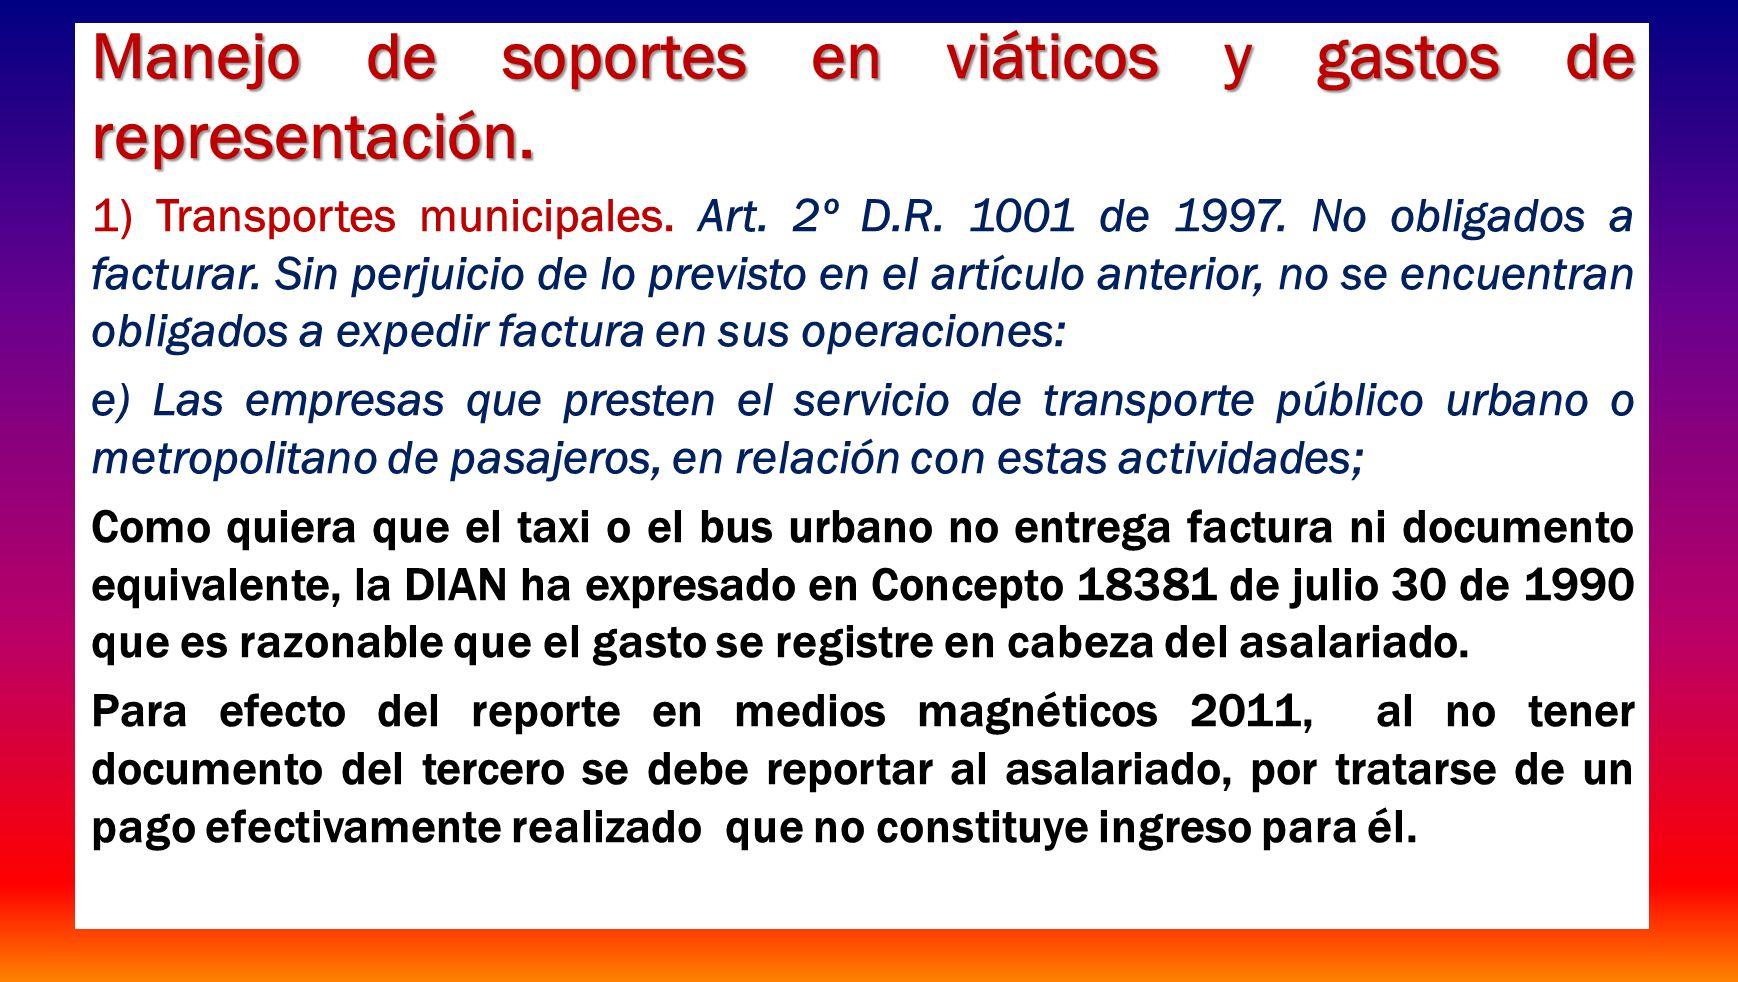 Manejo de soportes en viáticos y gastos de representación. 1) Transportes municipales. Art. 2º D.R. 1001 de 1997. No obligados a facturar. Sin perjuic